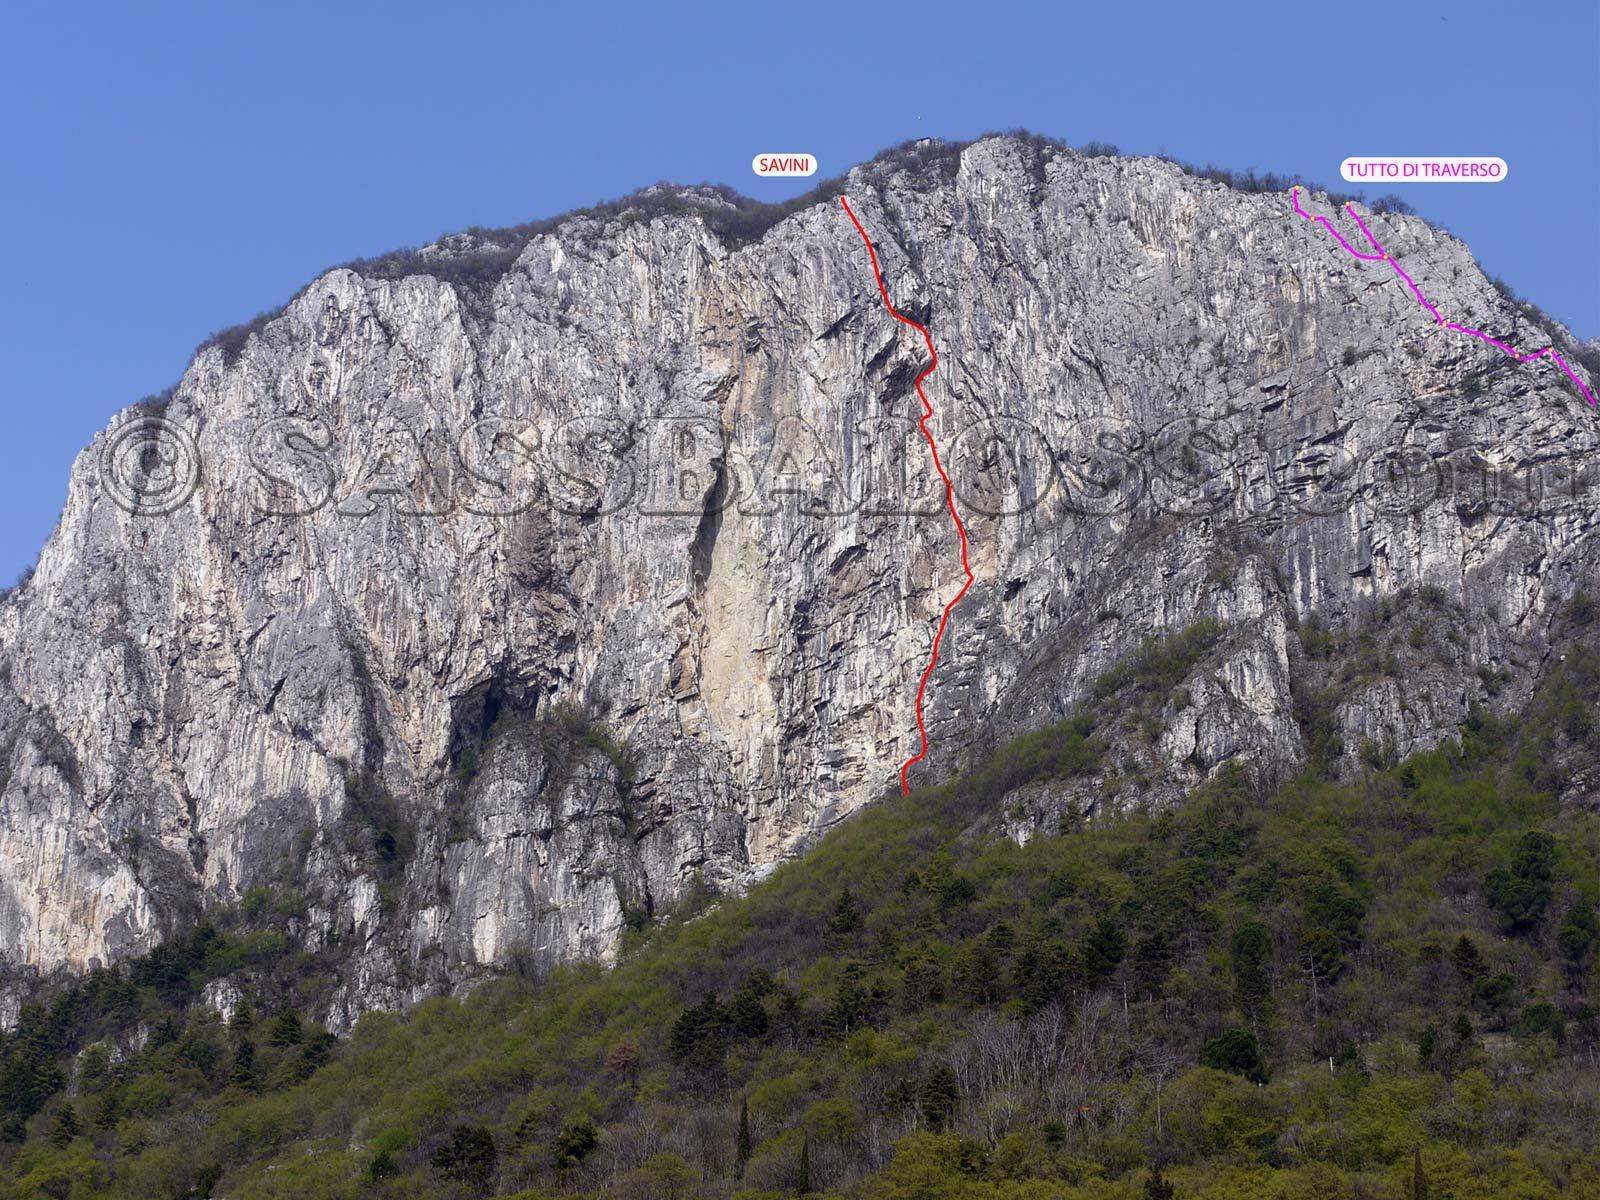 Monte san martino parete rossa via tutto di traverso for Immagini da colorare di san martino